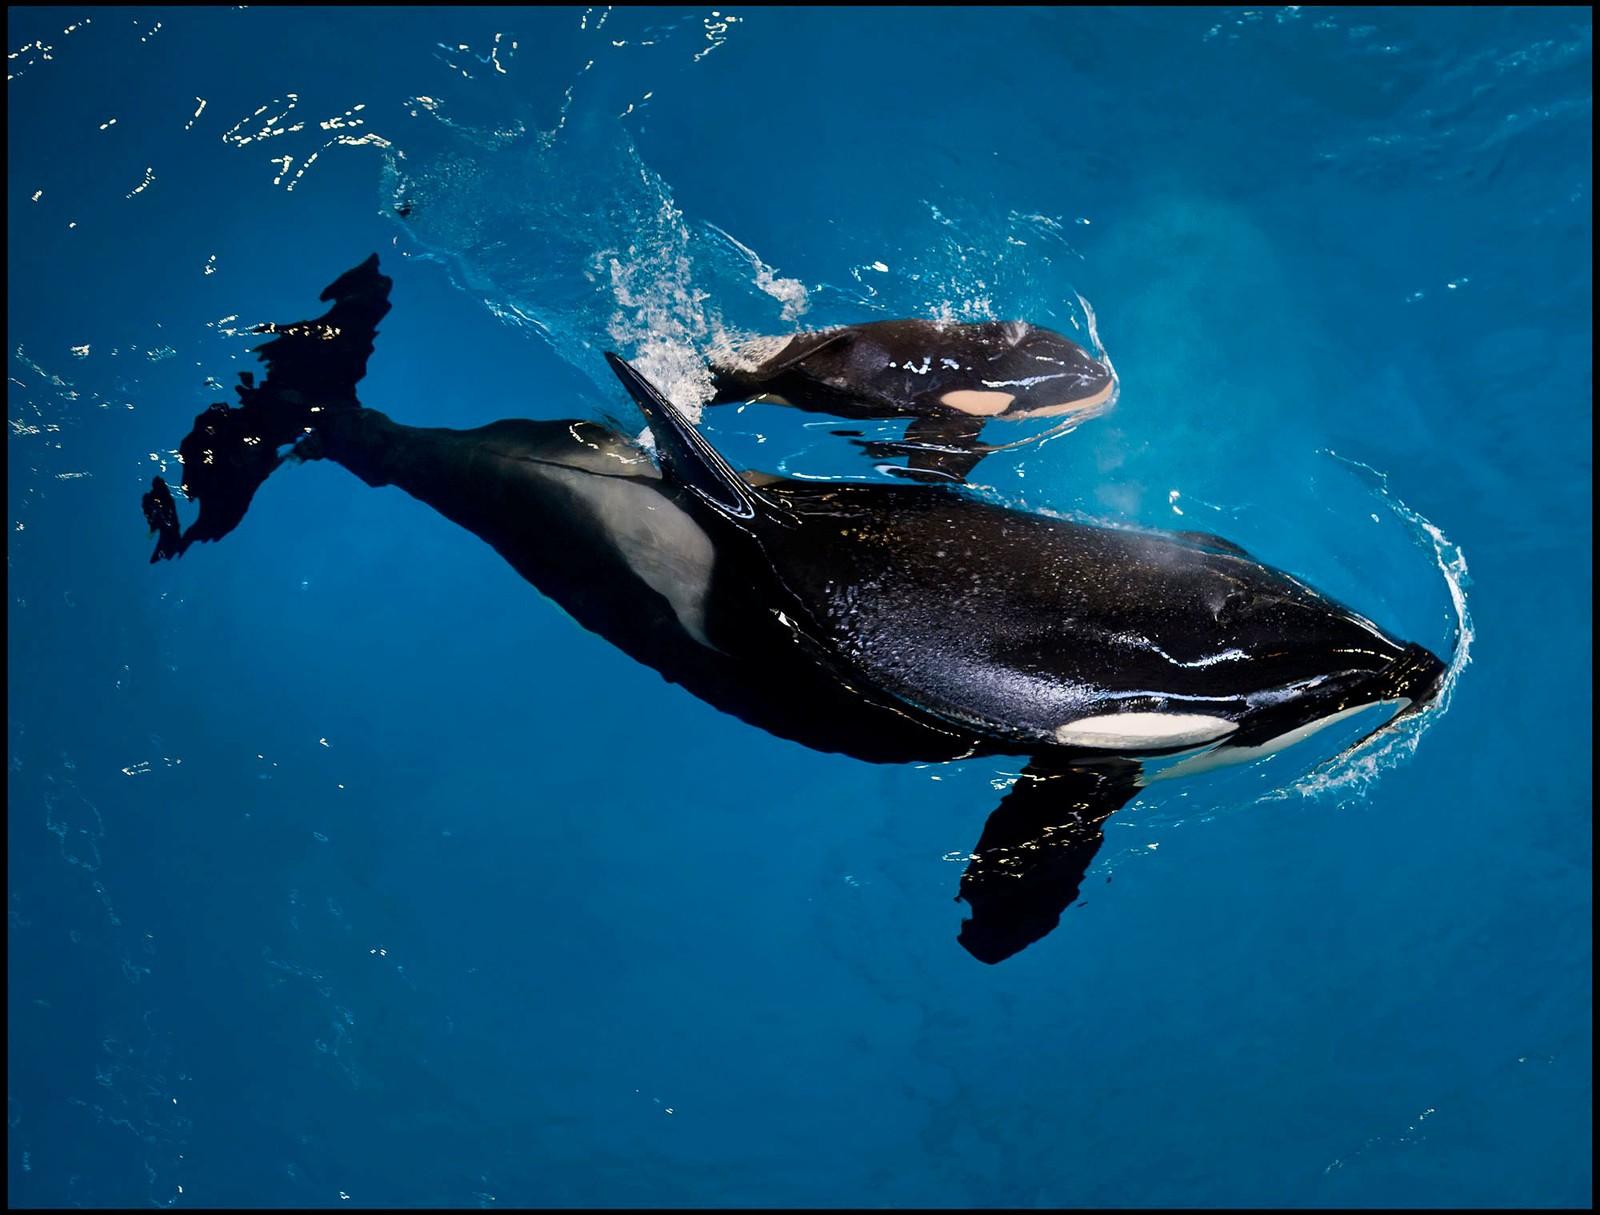 Spekkhoggeren Takara tok en runde i bassenget med den aller siste kalven som ble født i en Seaworld-park. Parken skal slutte med spekkhoggere i fangenskap.